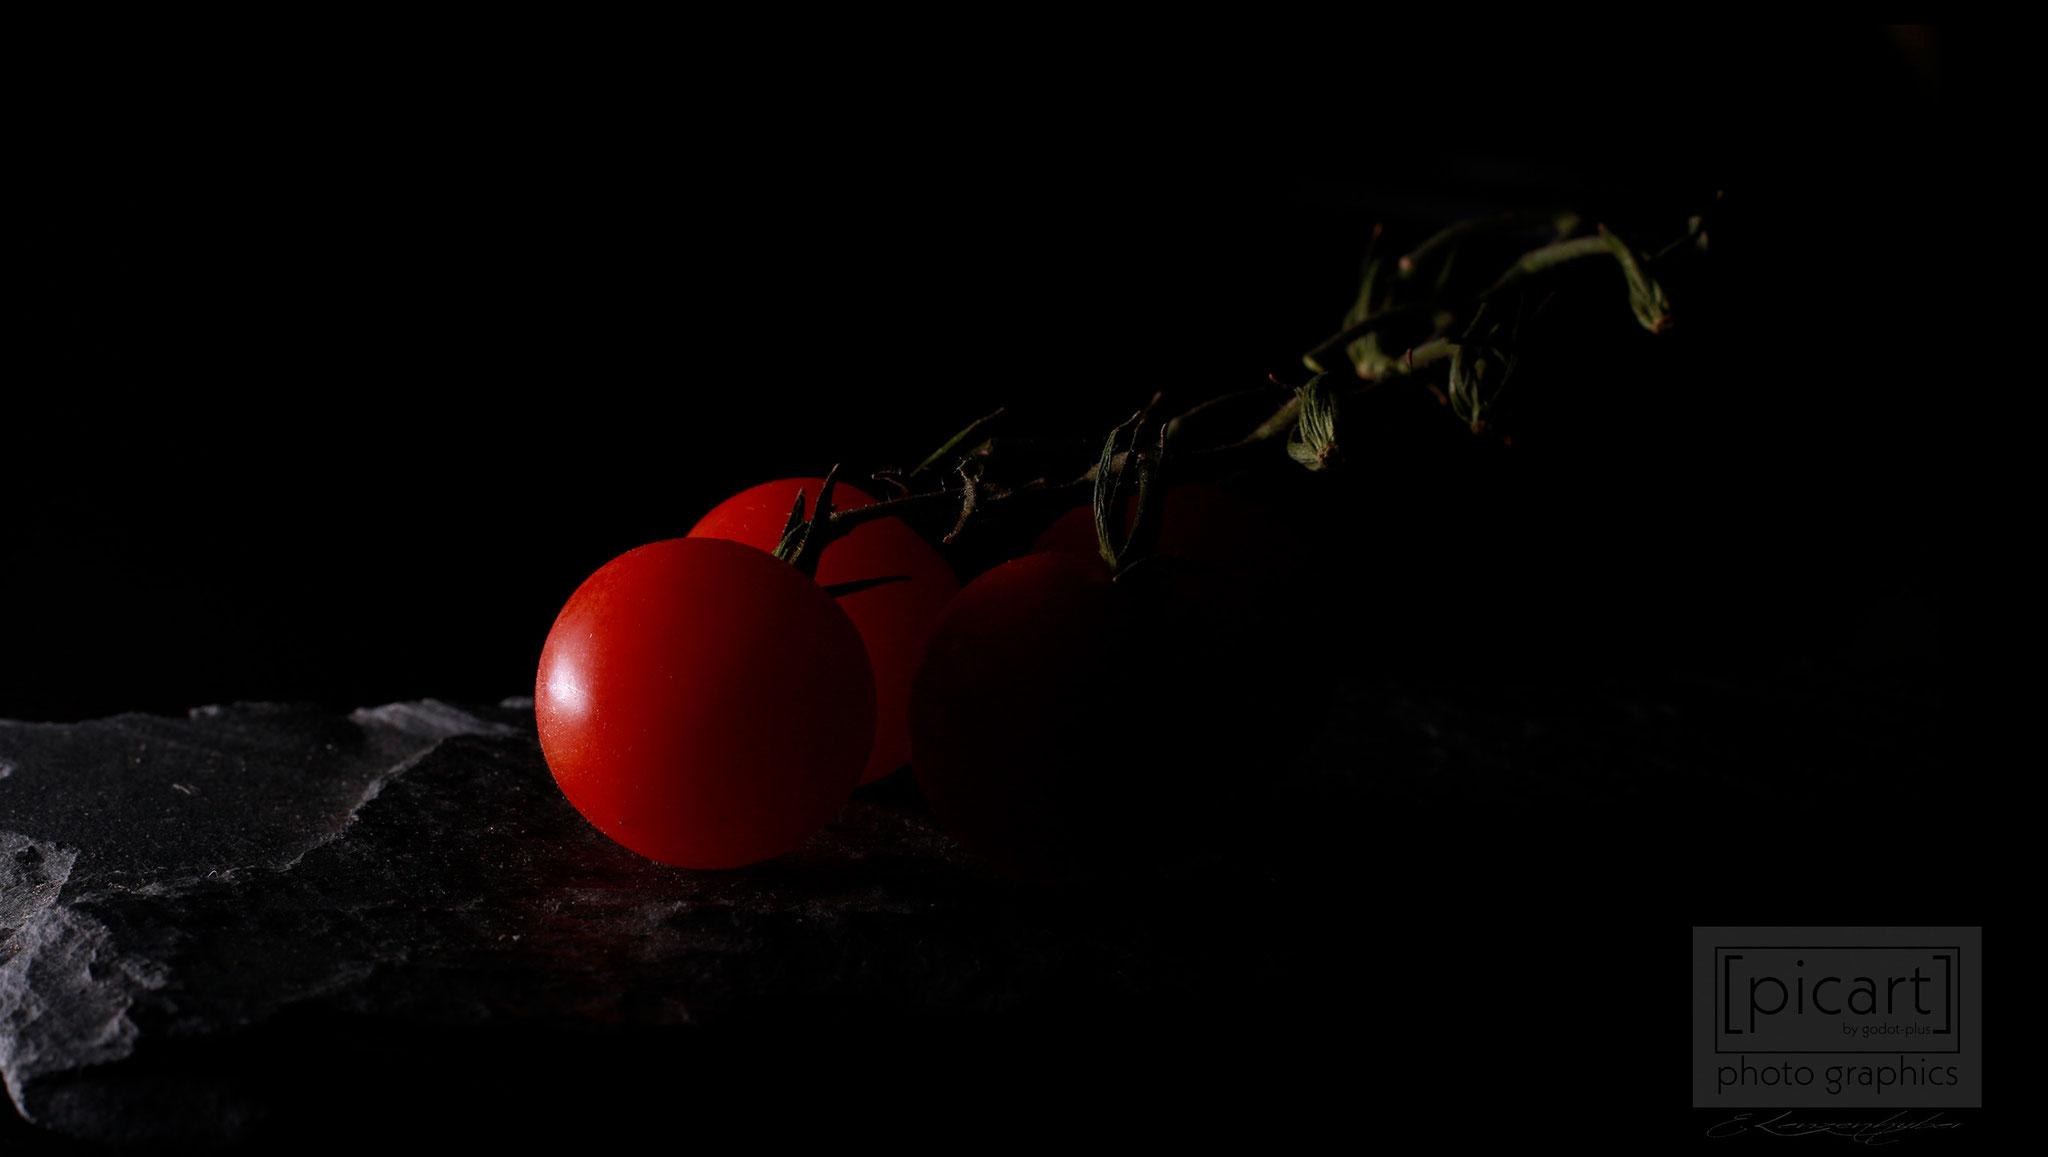 Bestellnummer: LK010  |  Low Key-Fotografie – Tomaten © [:picart]by godot-plus, Eva Lenzenhuber